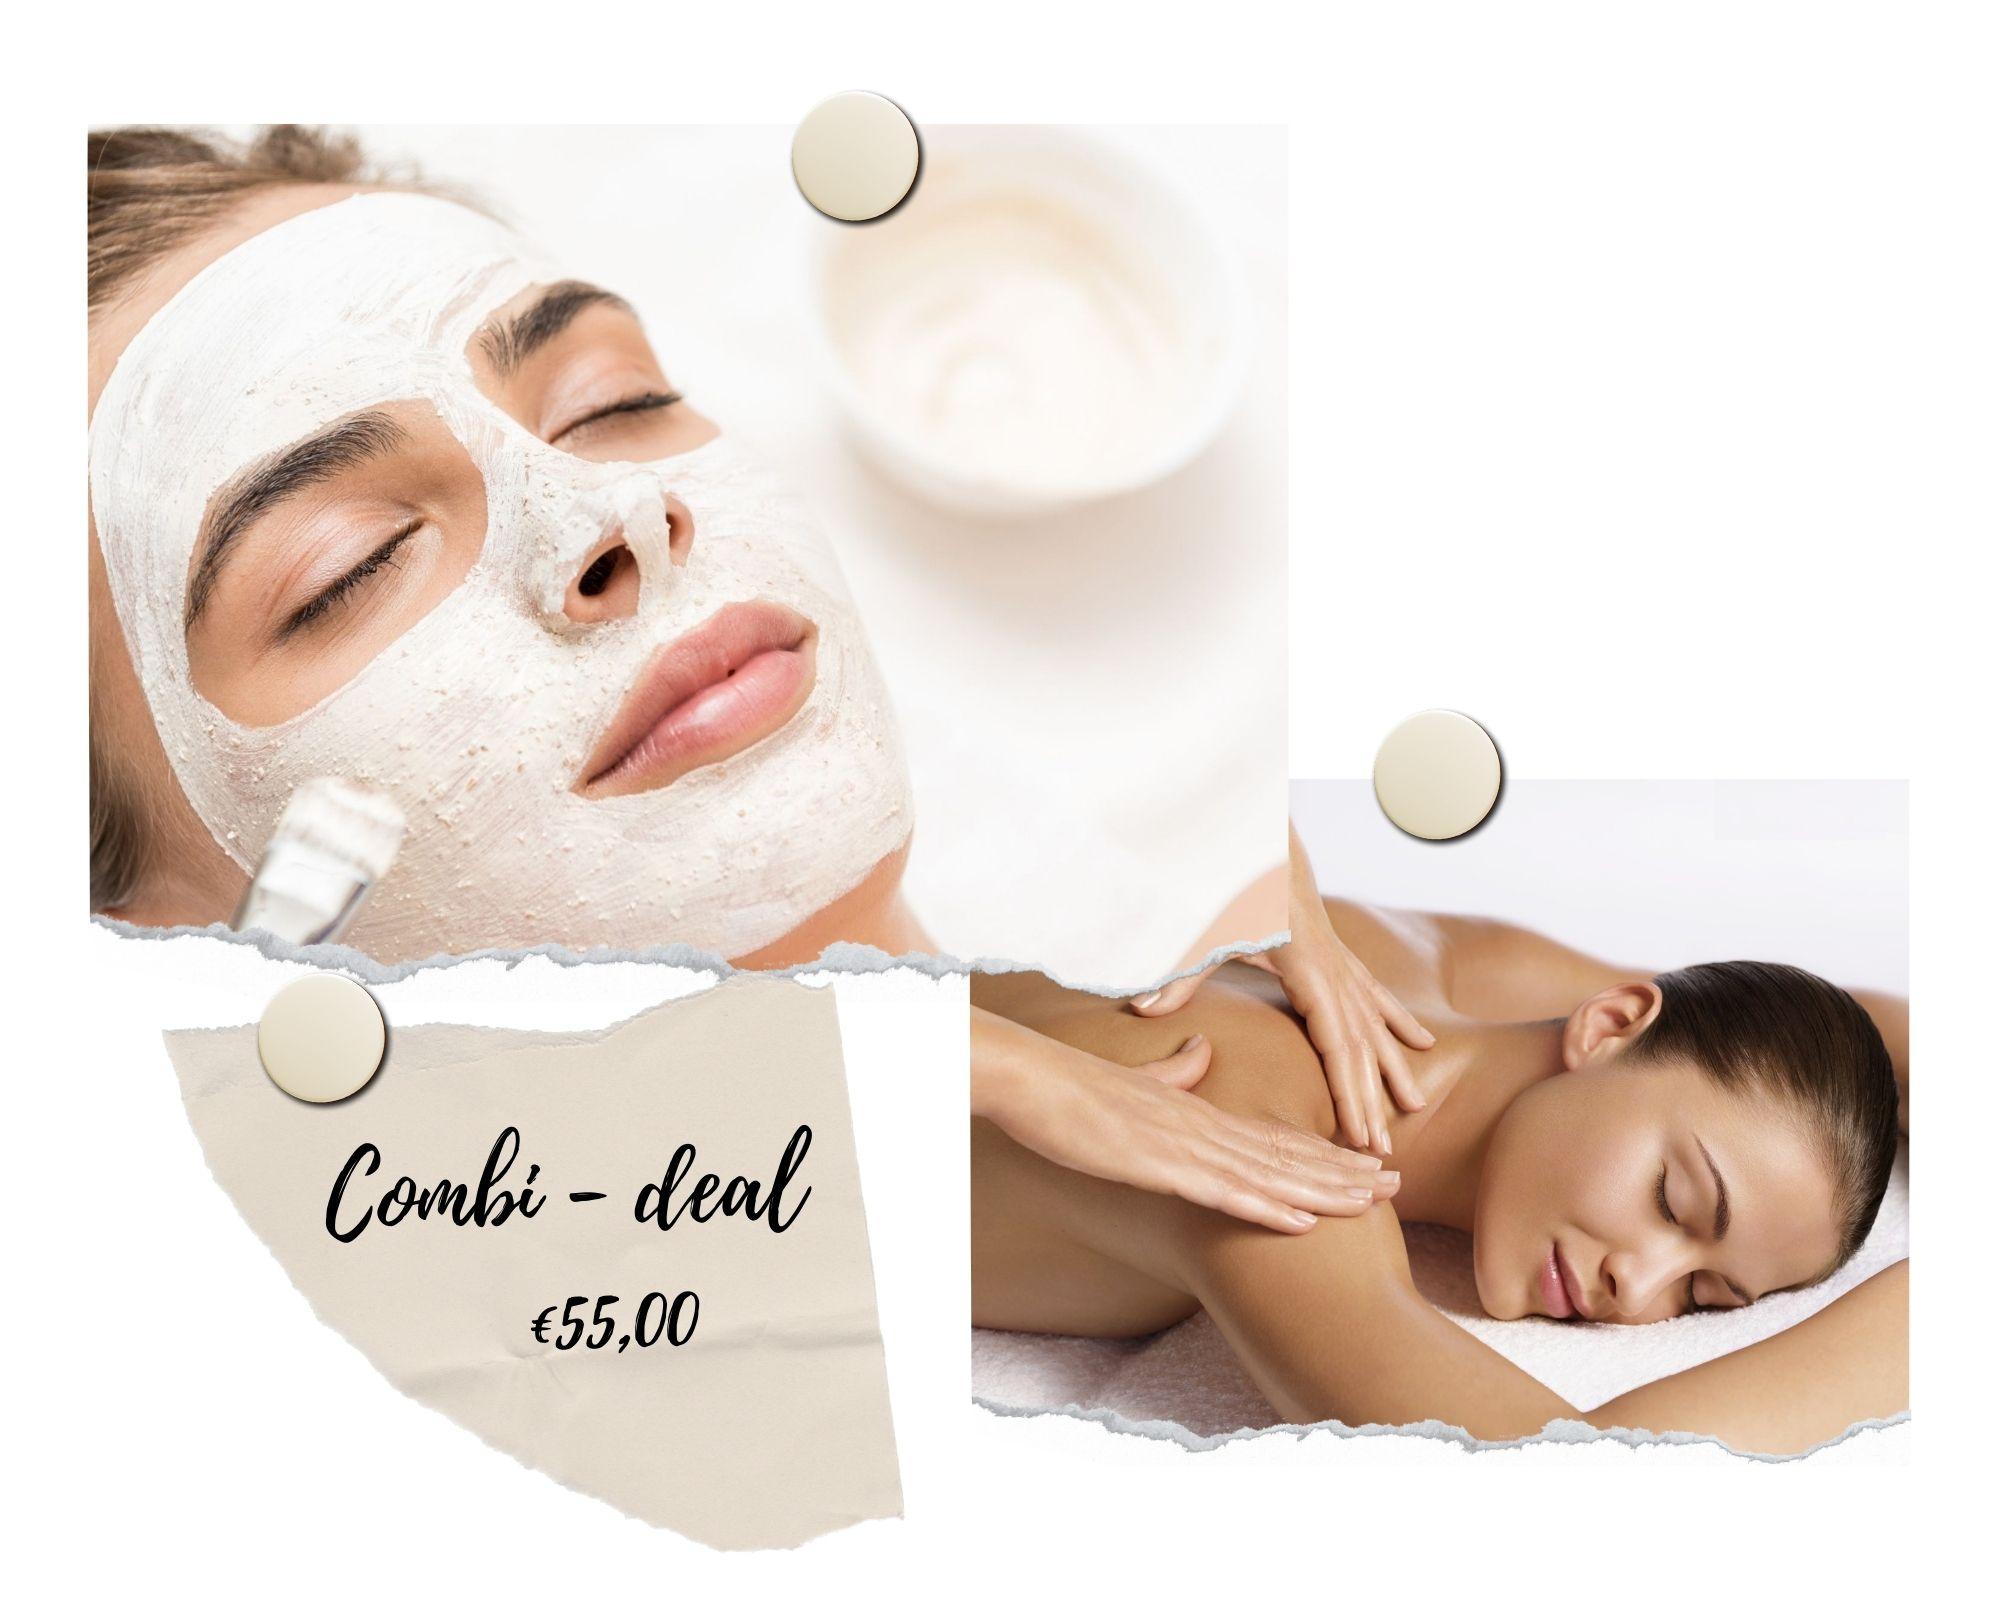 Combi Deal True Skin